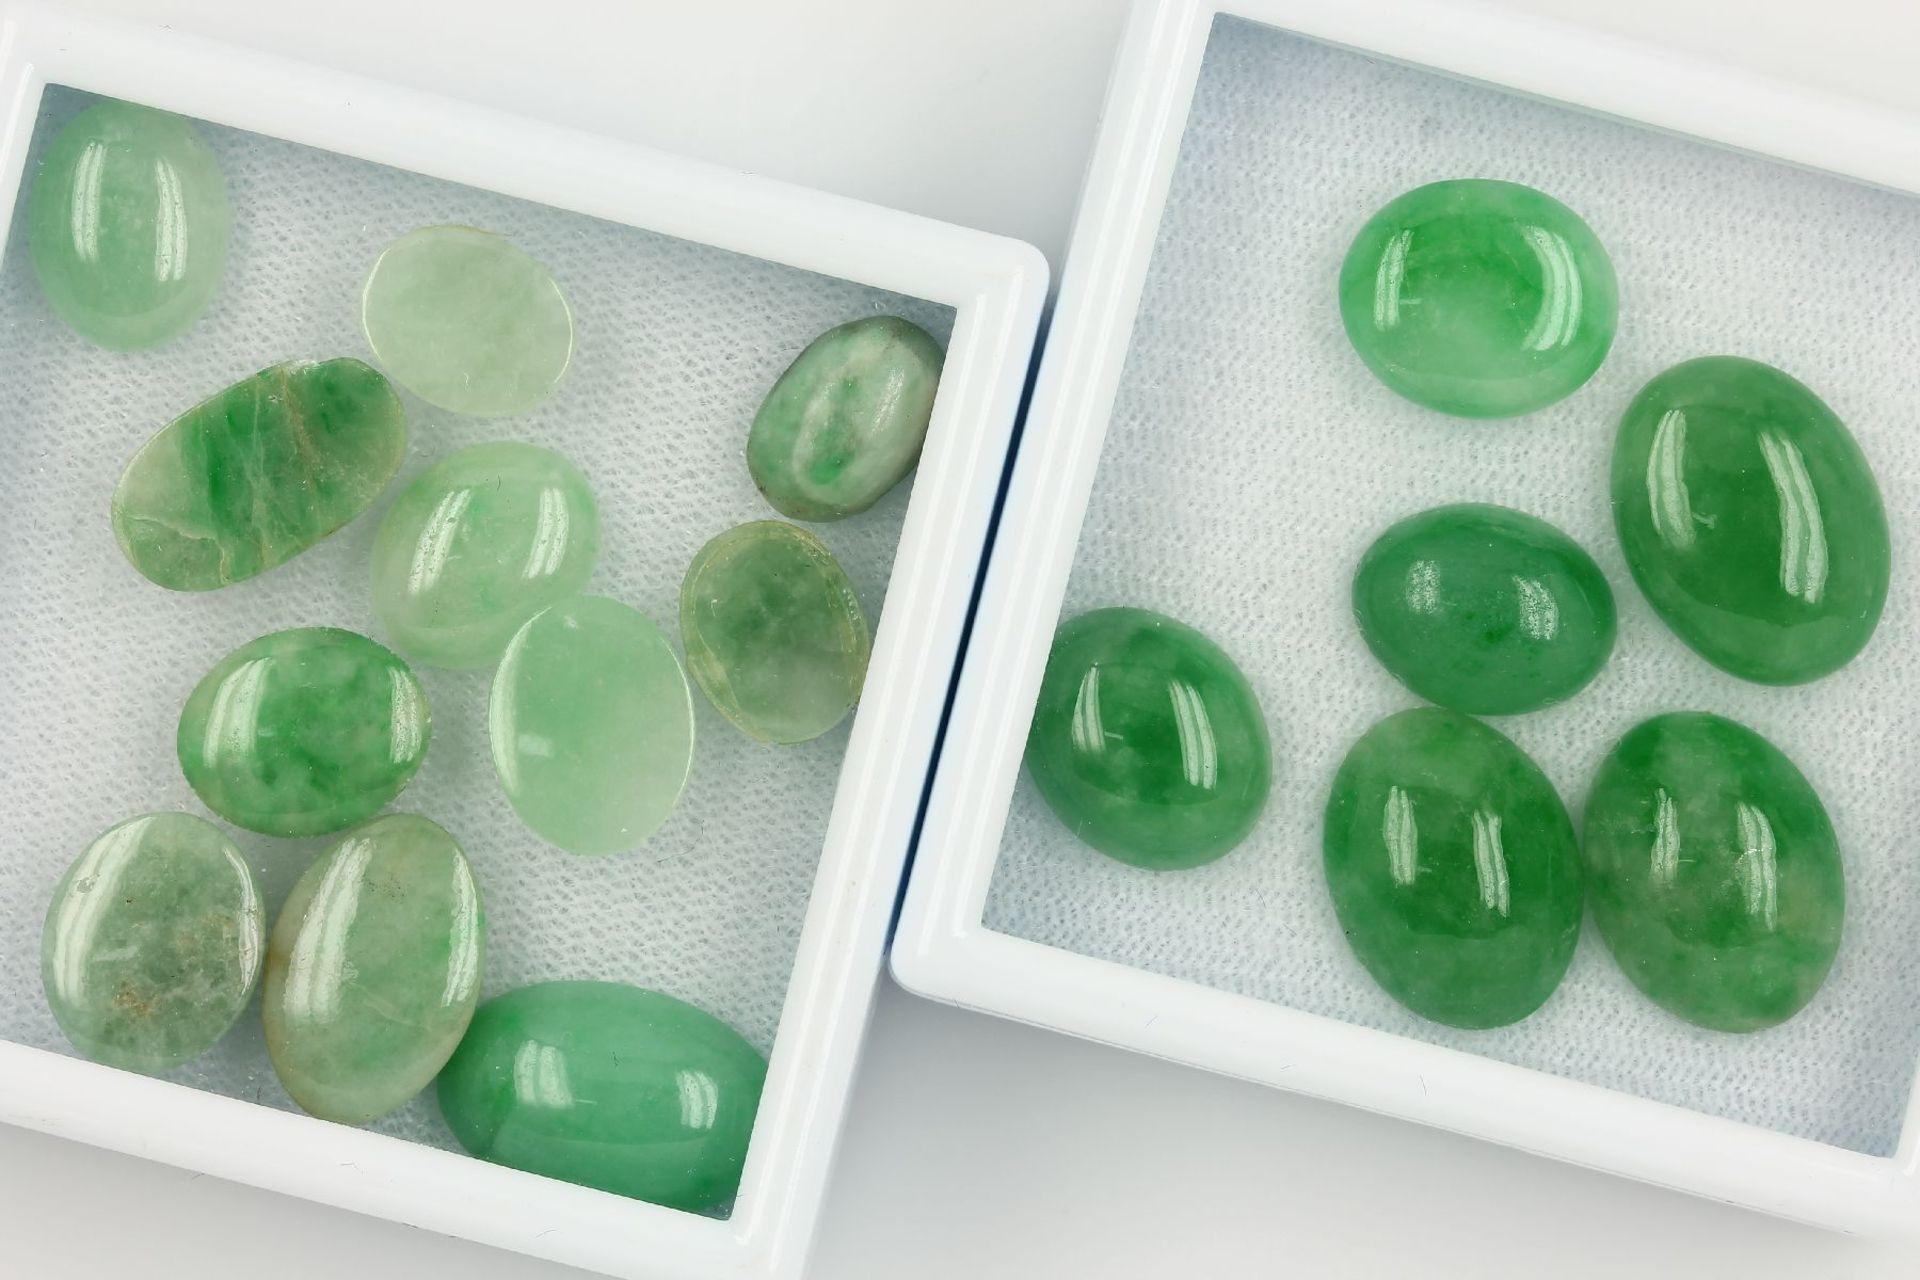 Los 70010 - Lot lose Jade, zus. ca. 80.2 ct, ovale Jadecabochons in versch. Größen Schätzpreis: 1500, - EURLot